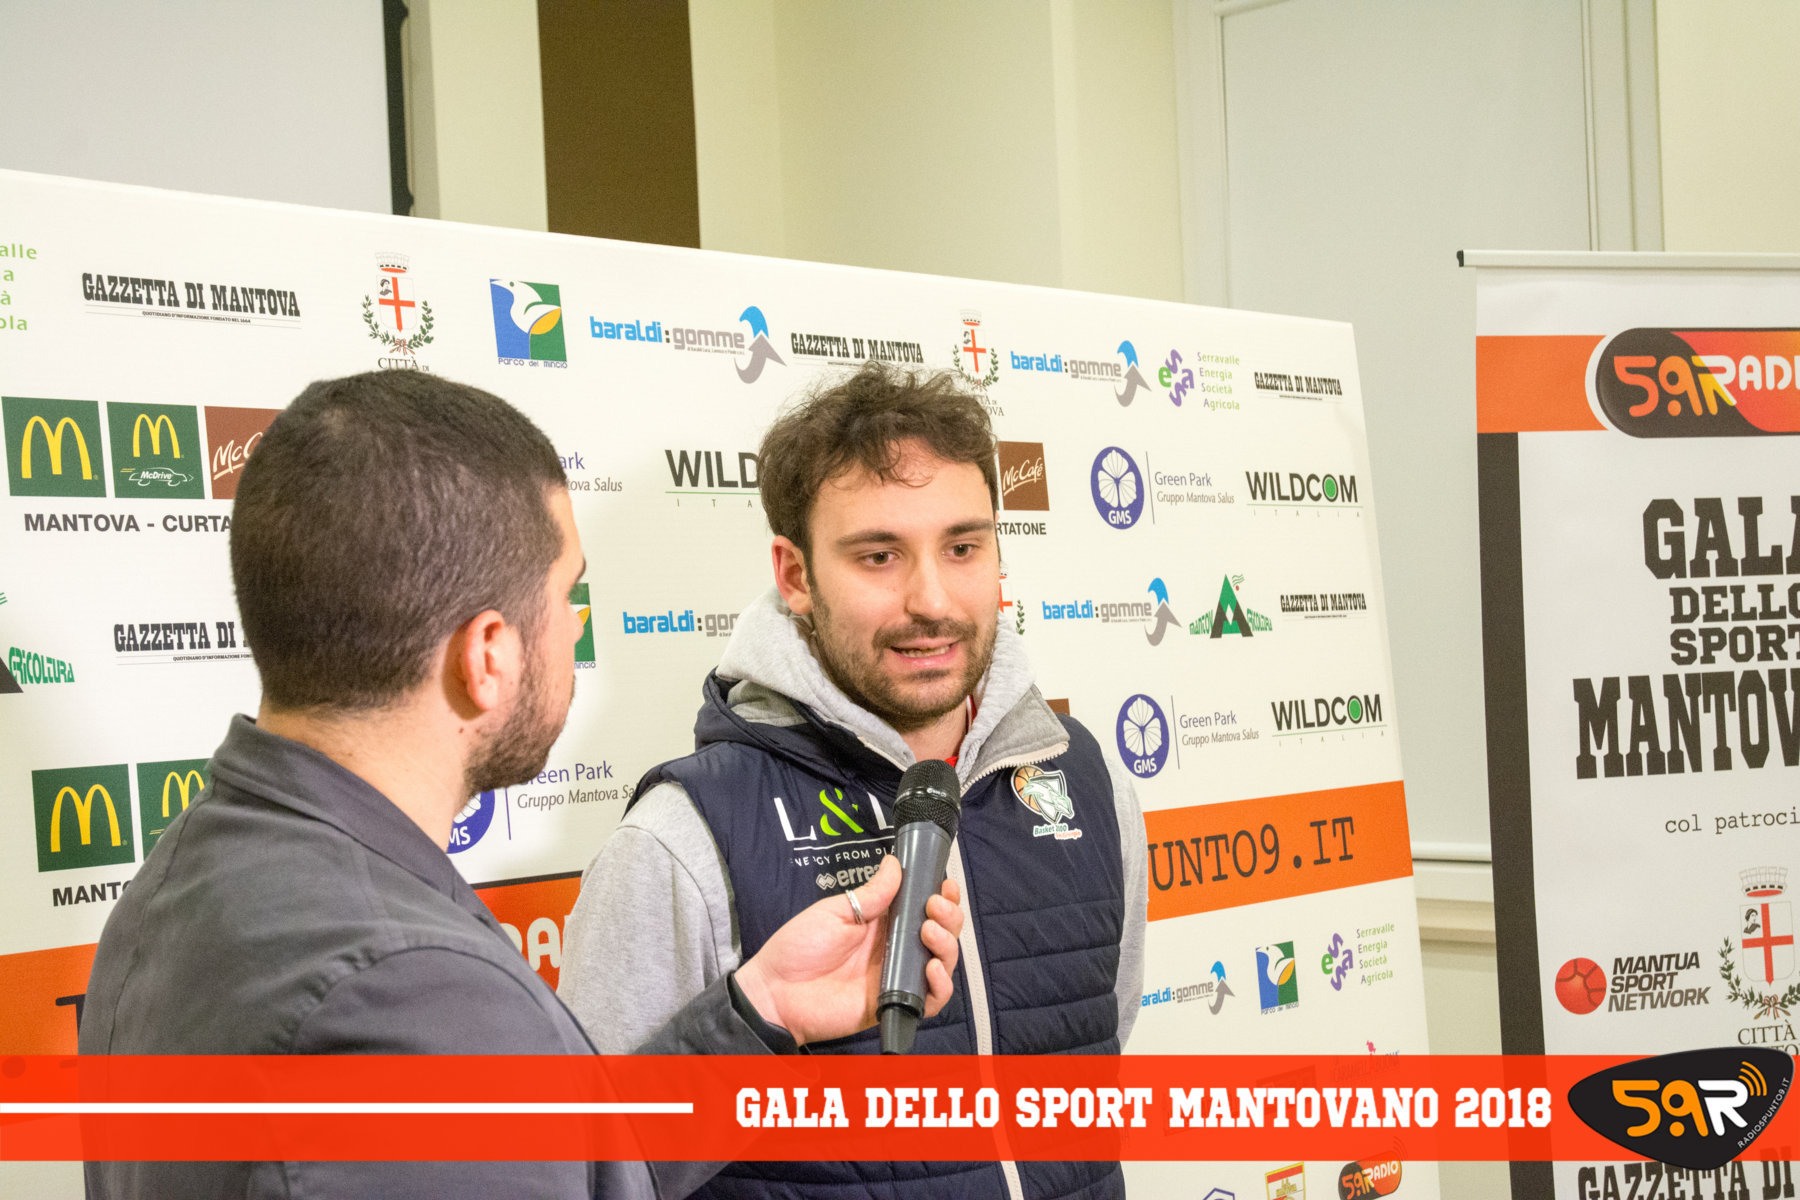 Gala dello Sport Mantovano 2018 Web Radio 5 (130)